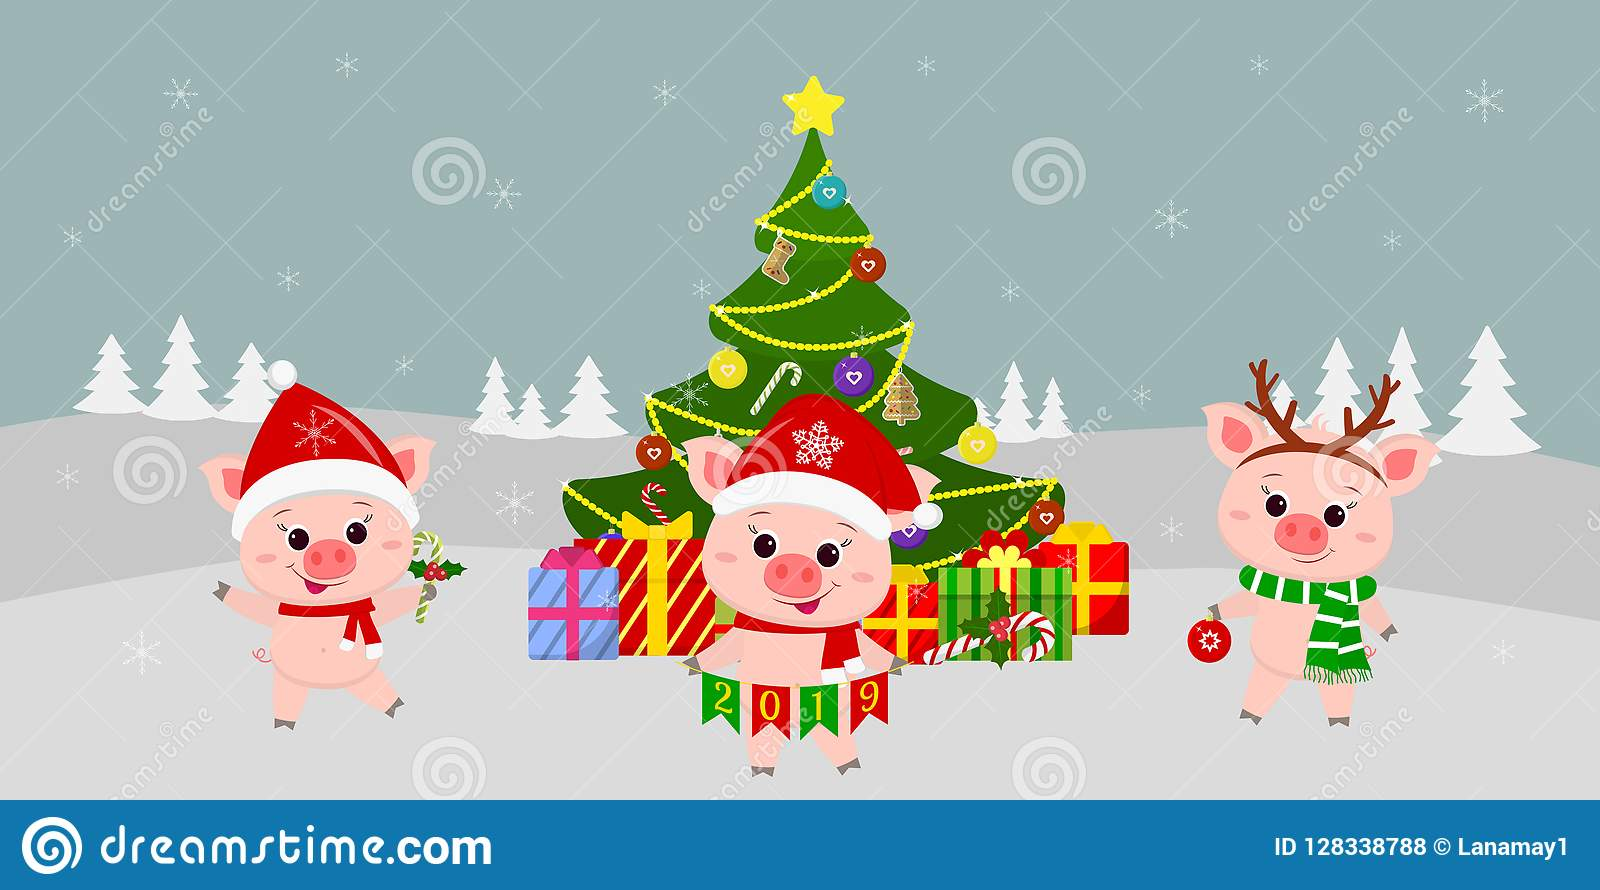 Auguri Di Buon Natale E Buon Anno.Cartolina D Auguri Di Buon Natale E Del Buon Anno Tre Maiali Svegli